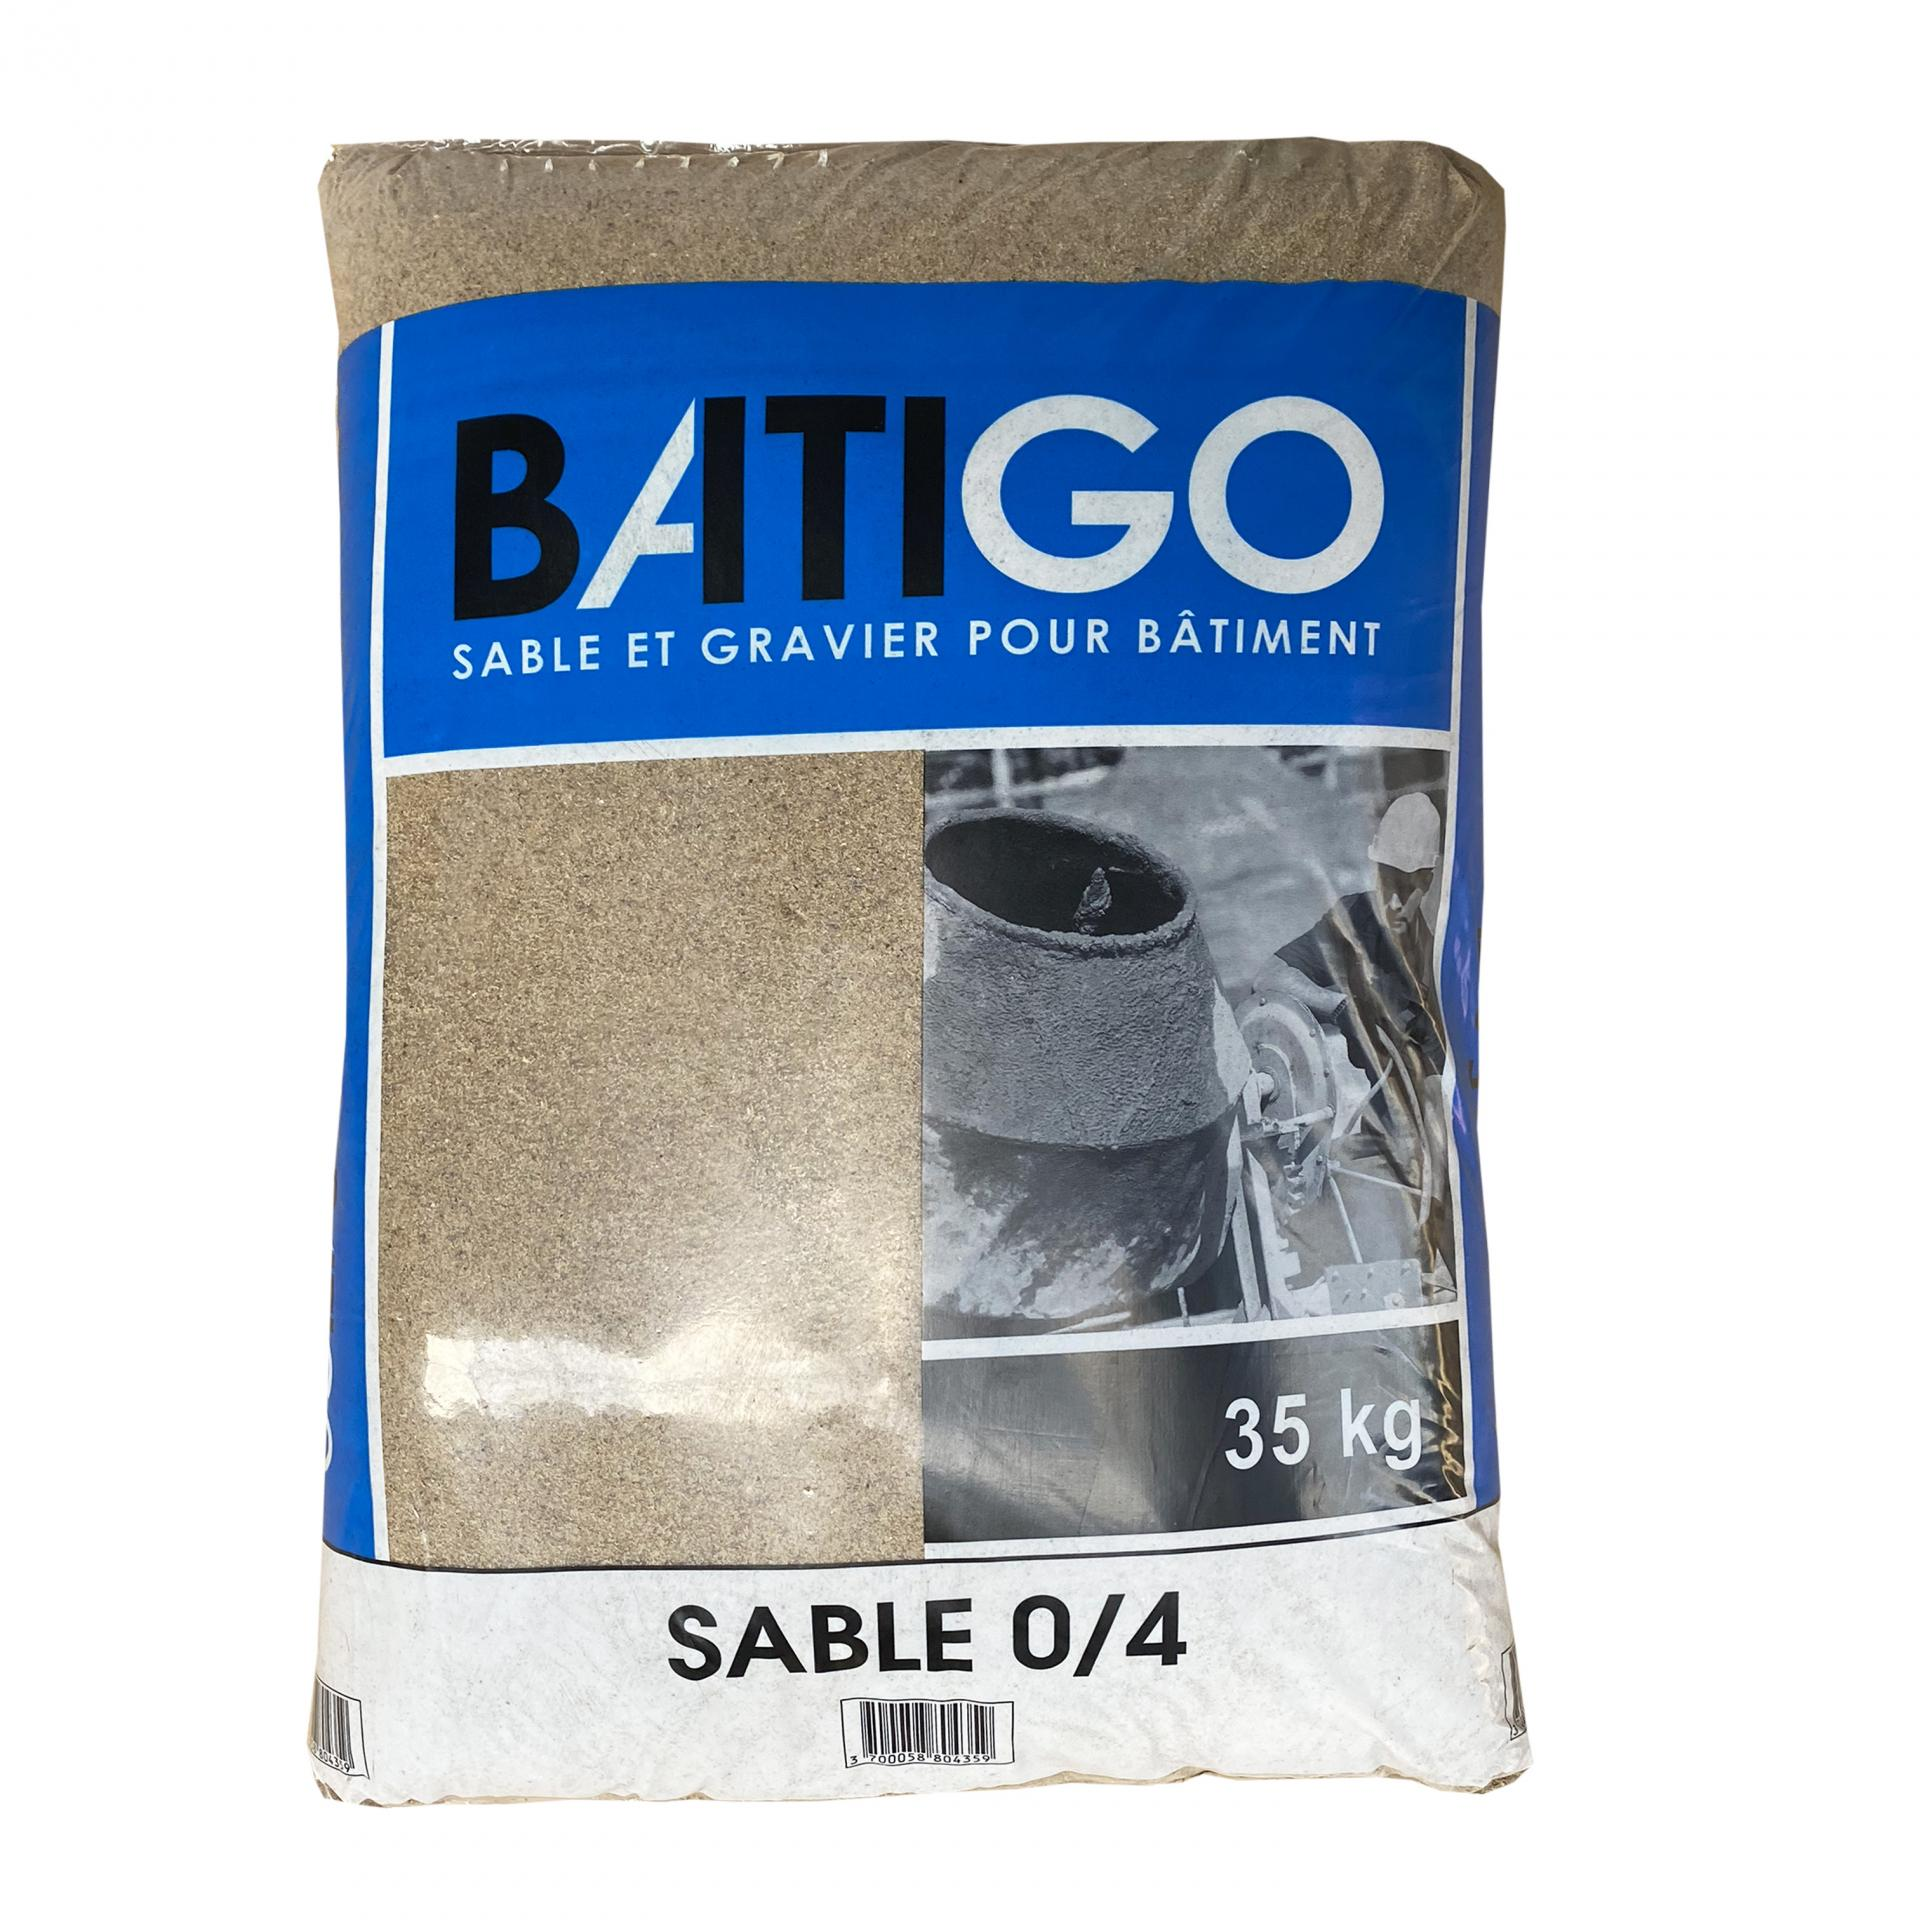 Batigo sable 0 4